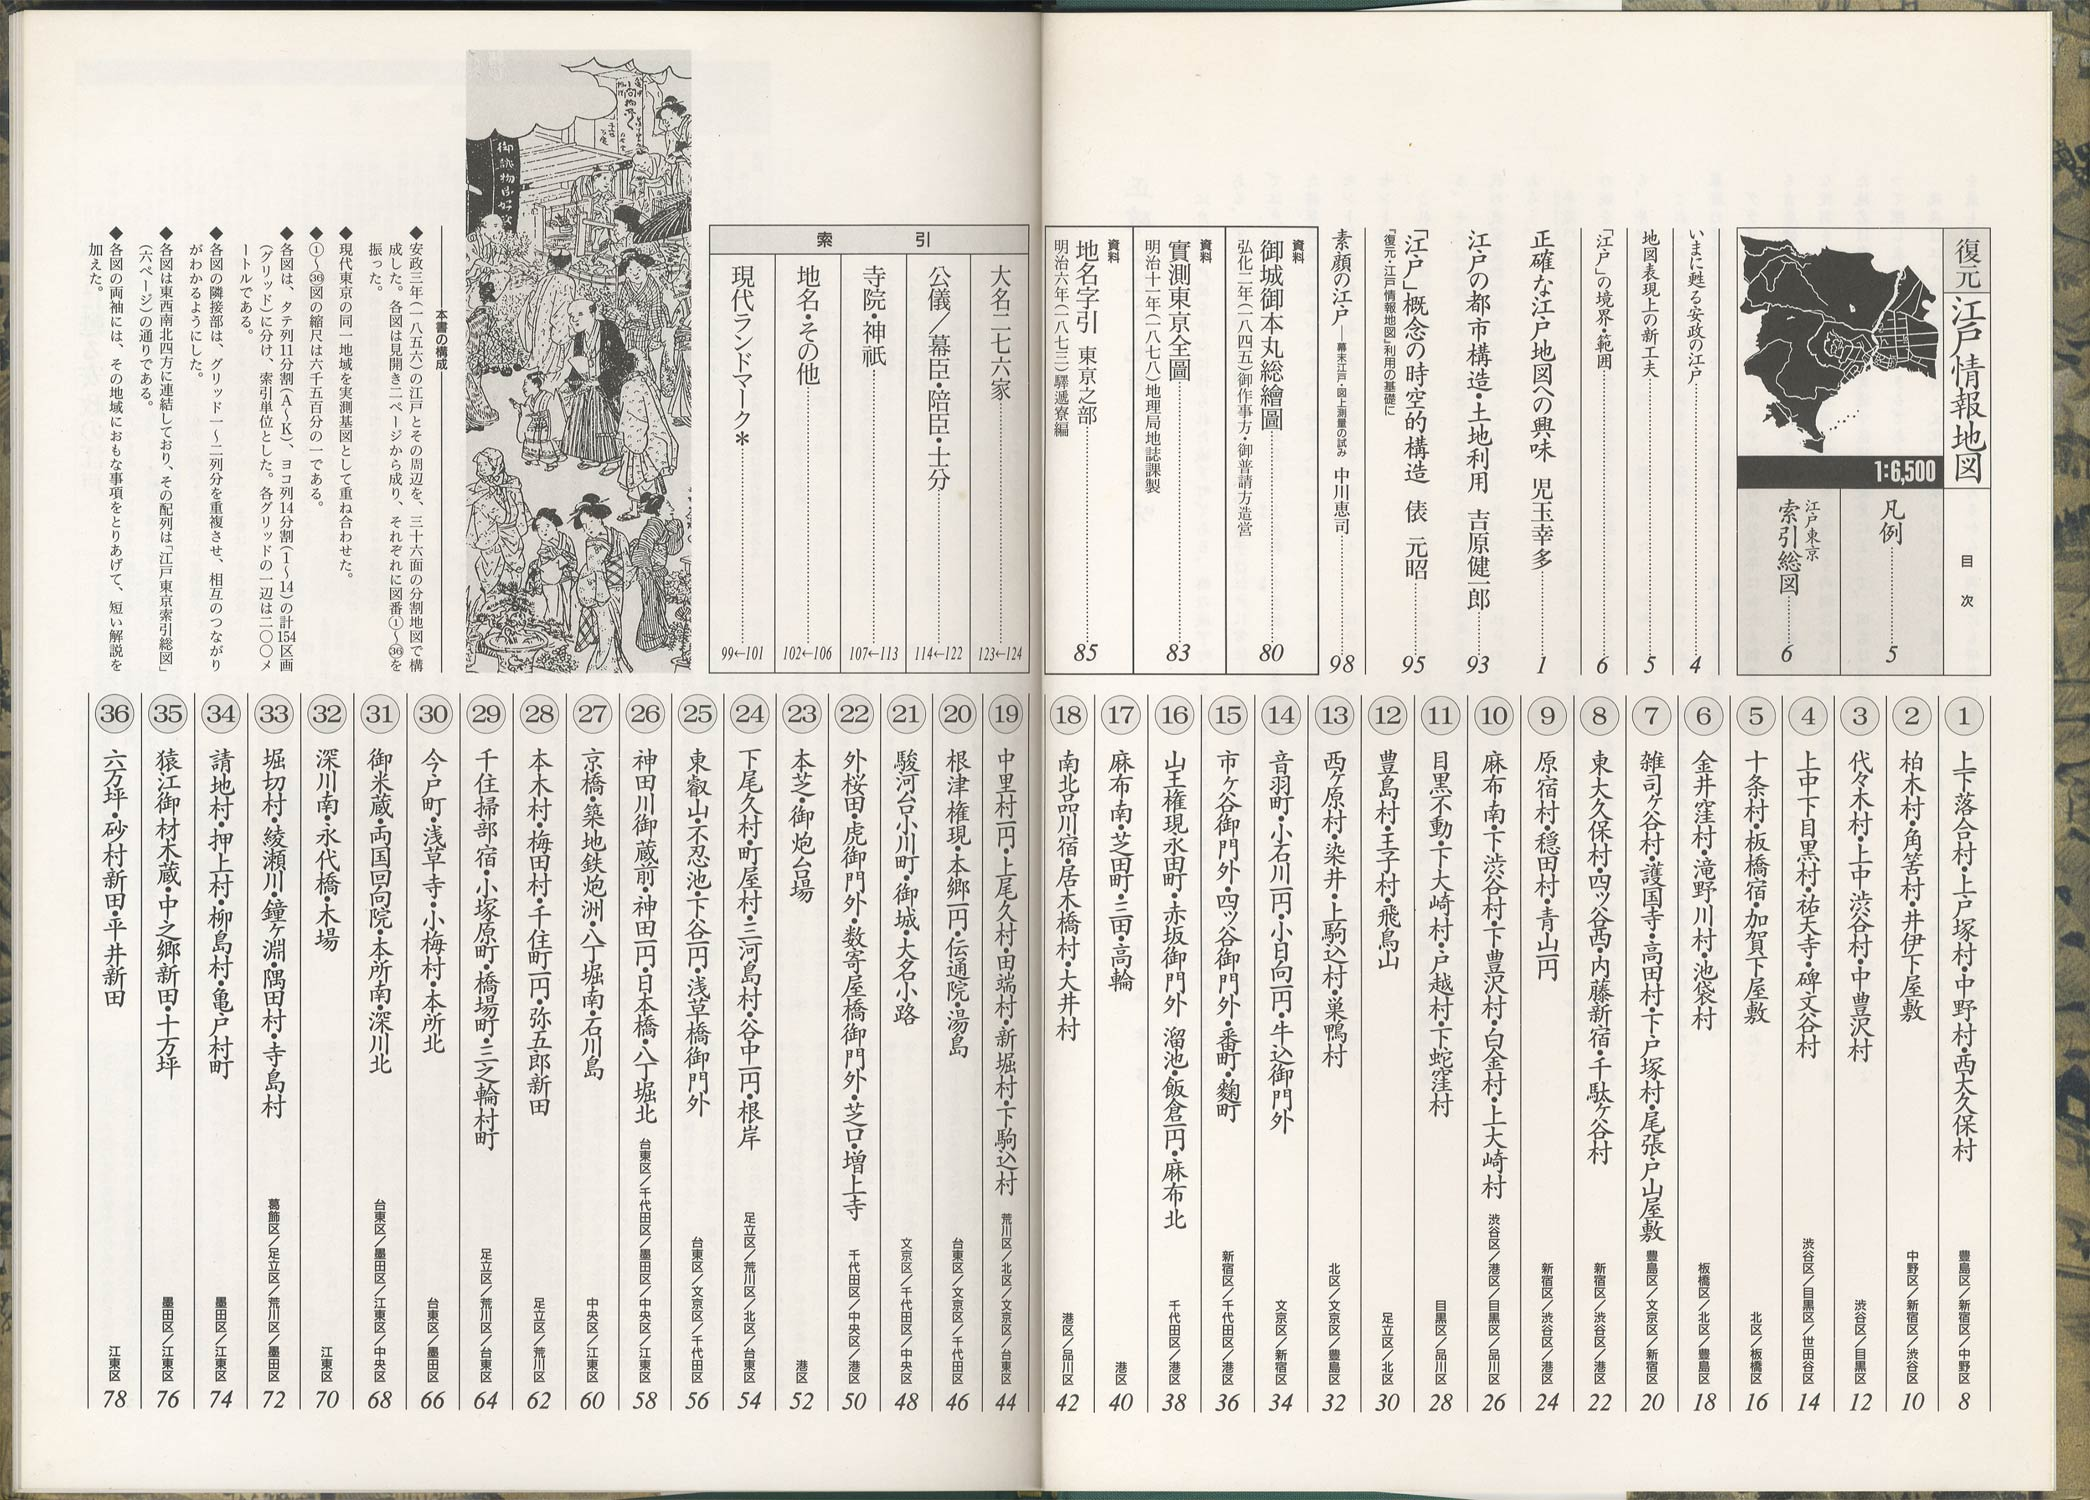 復元 江戸情報地図 1:6500[image3]